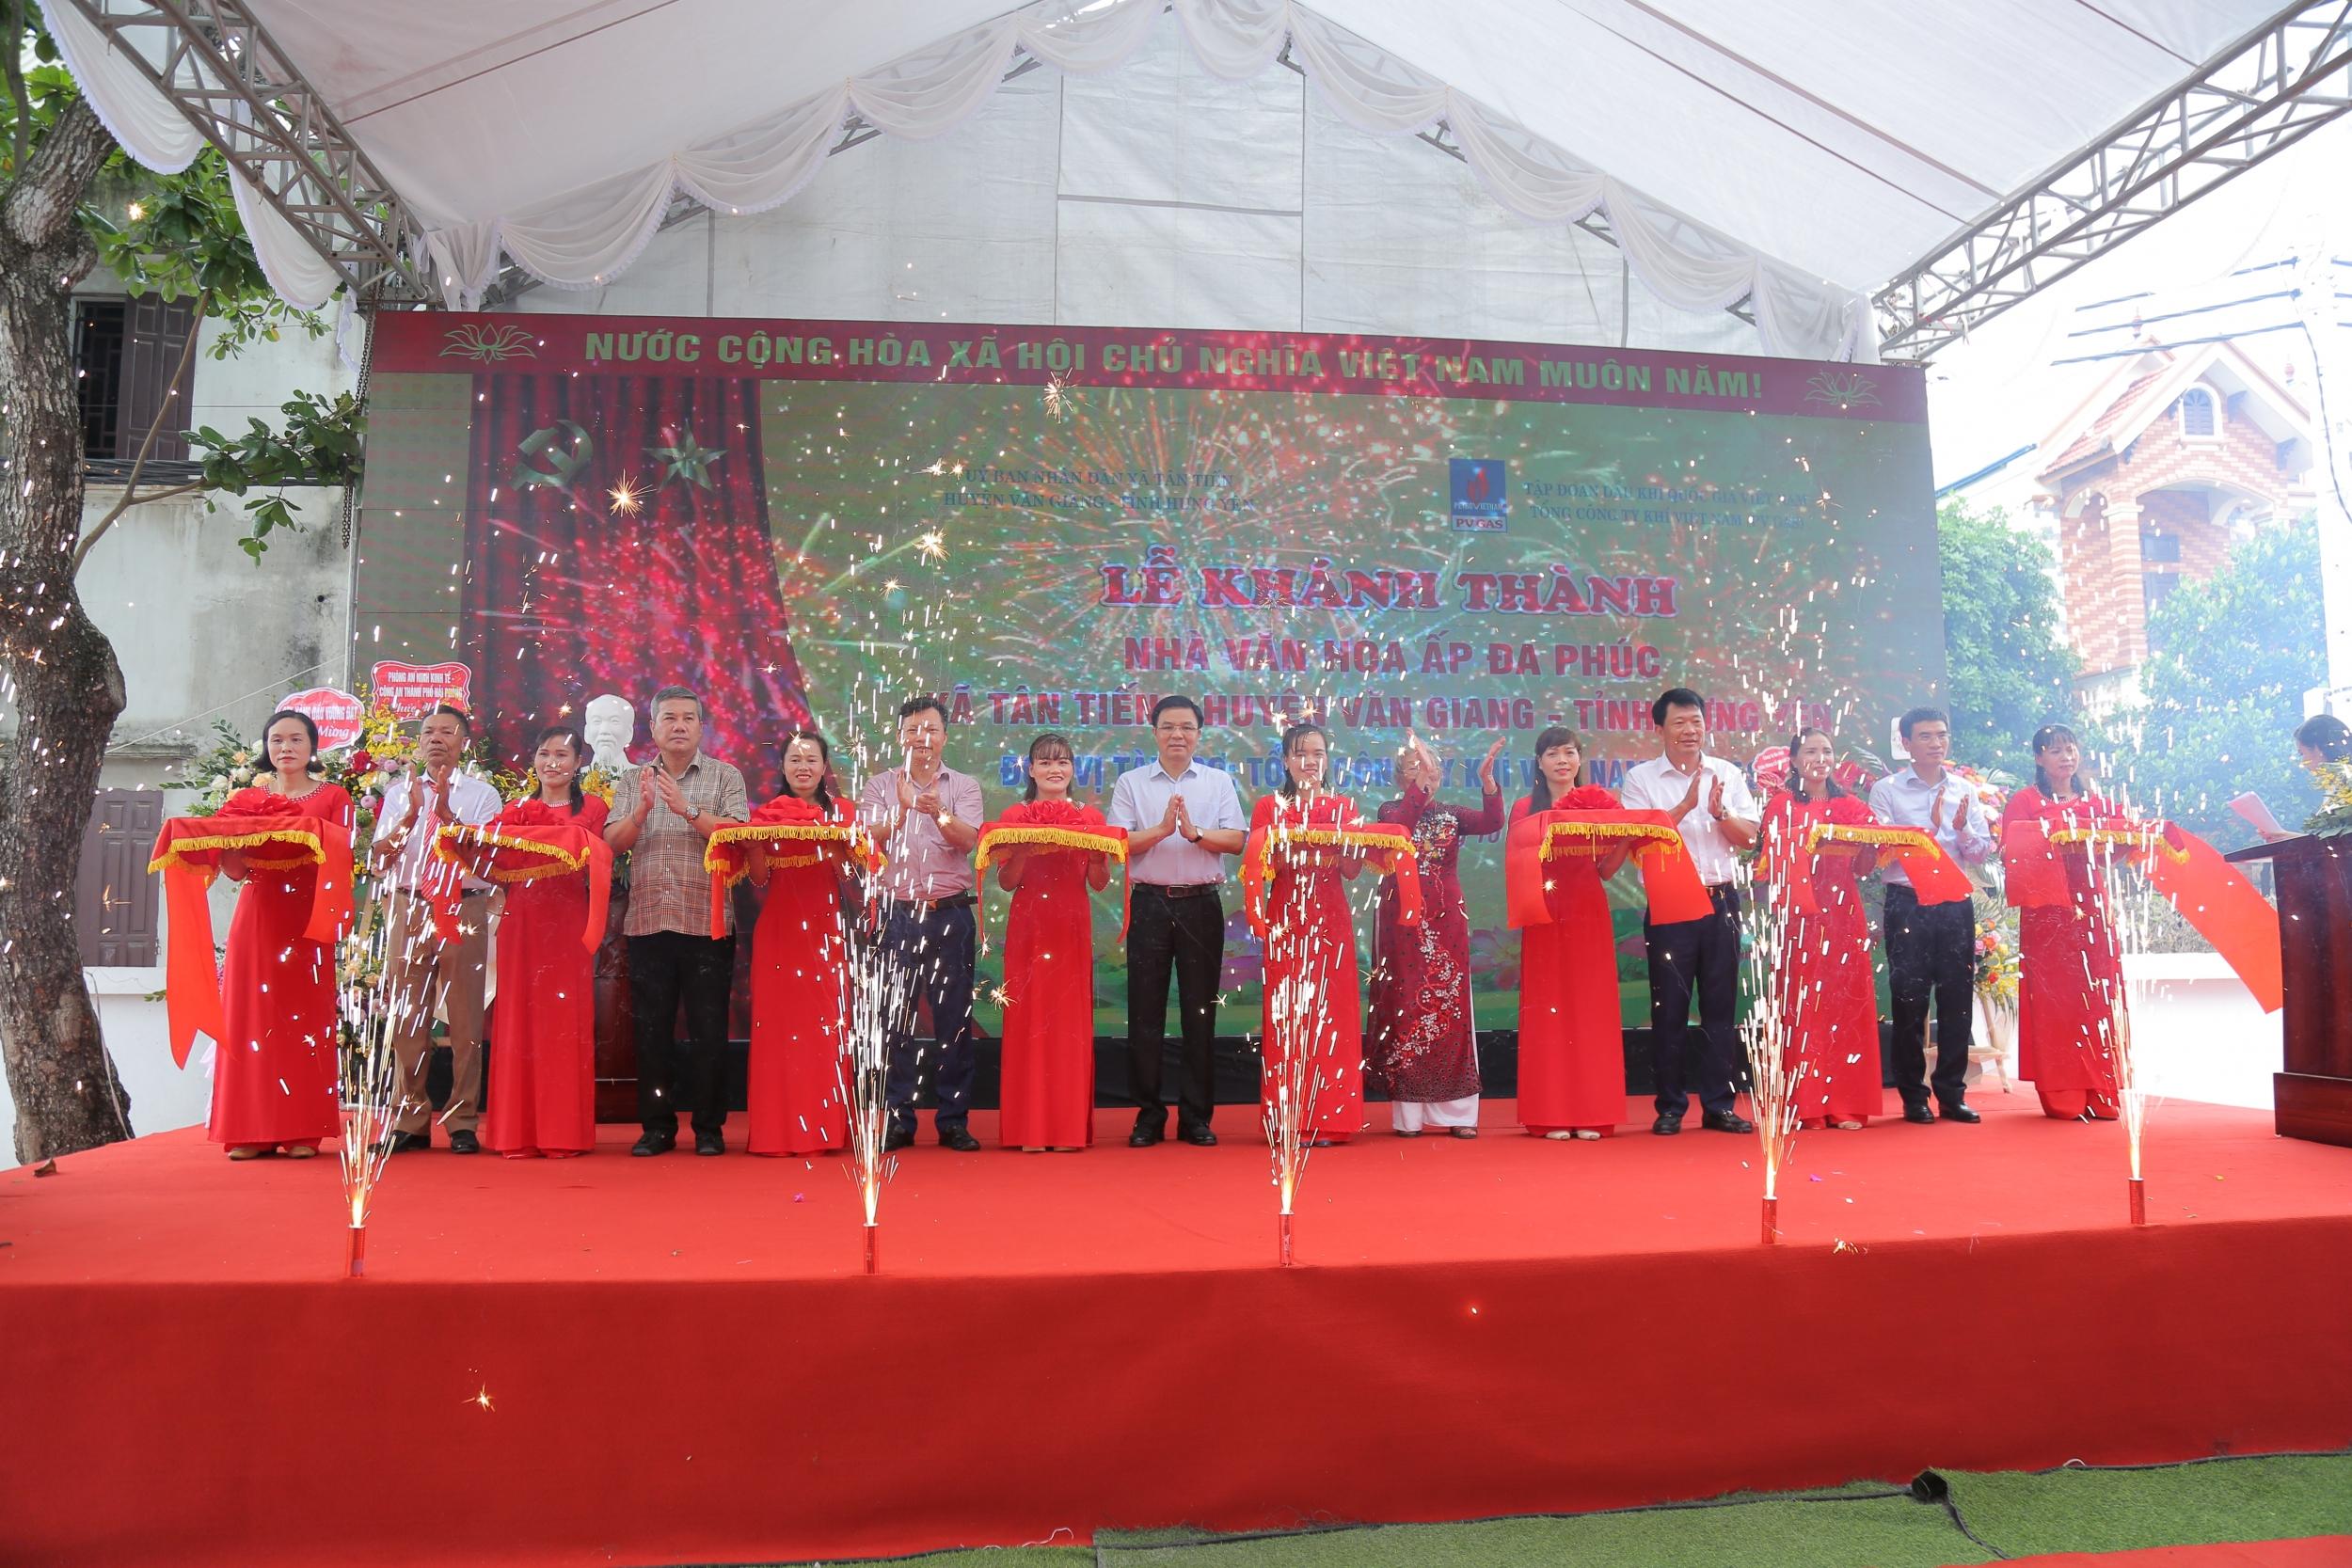 pvn-pv-gas-khanh-thanh-ban-giao-cong-trinh-nha-van-hoa-tai-hung-yen-2